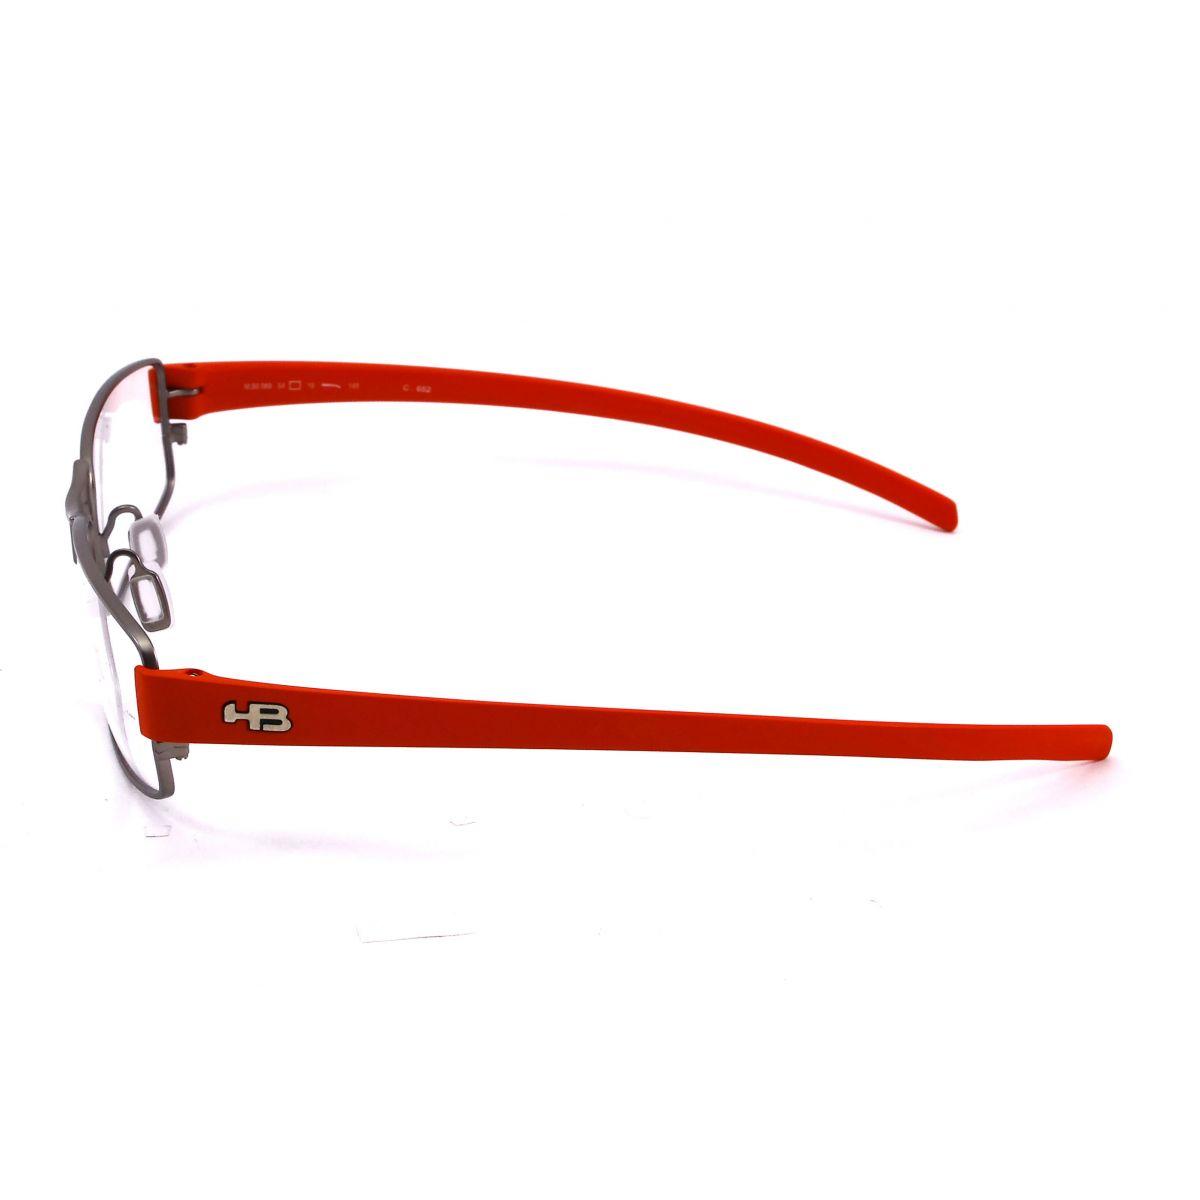 f9bf018c0 Óculos de Grau Masculino HB M9306965233 Tam.54HBHBCompra segura, produto  original com nota fiscal e garantia de fábrica, rapidez na entrega.